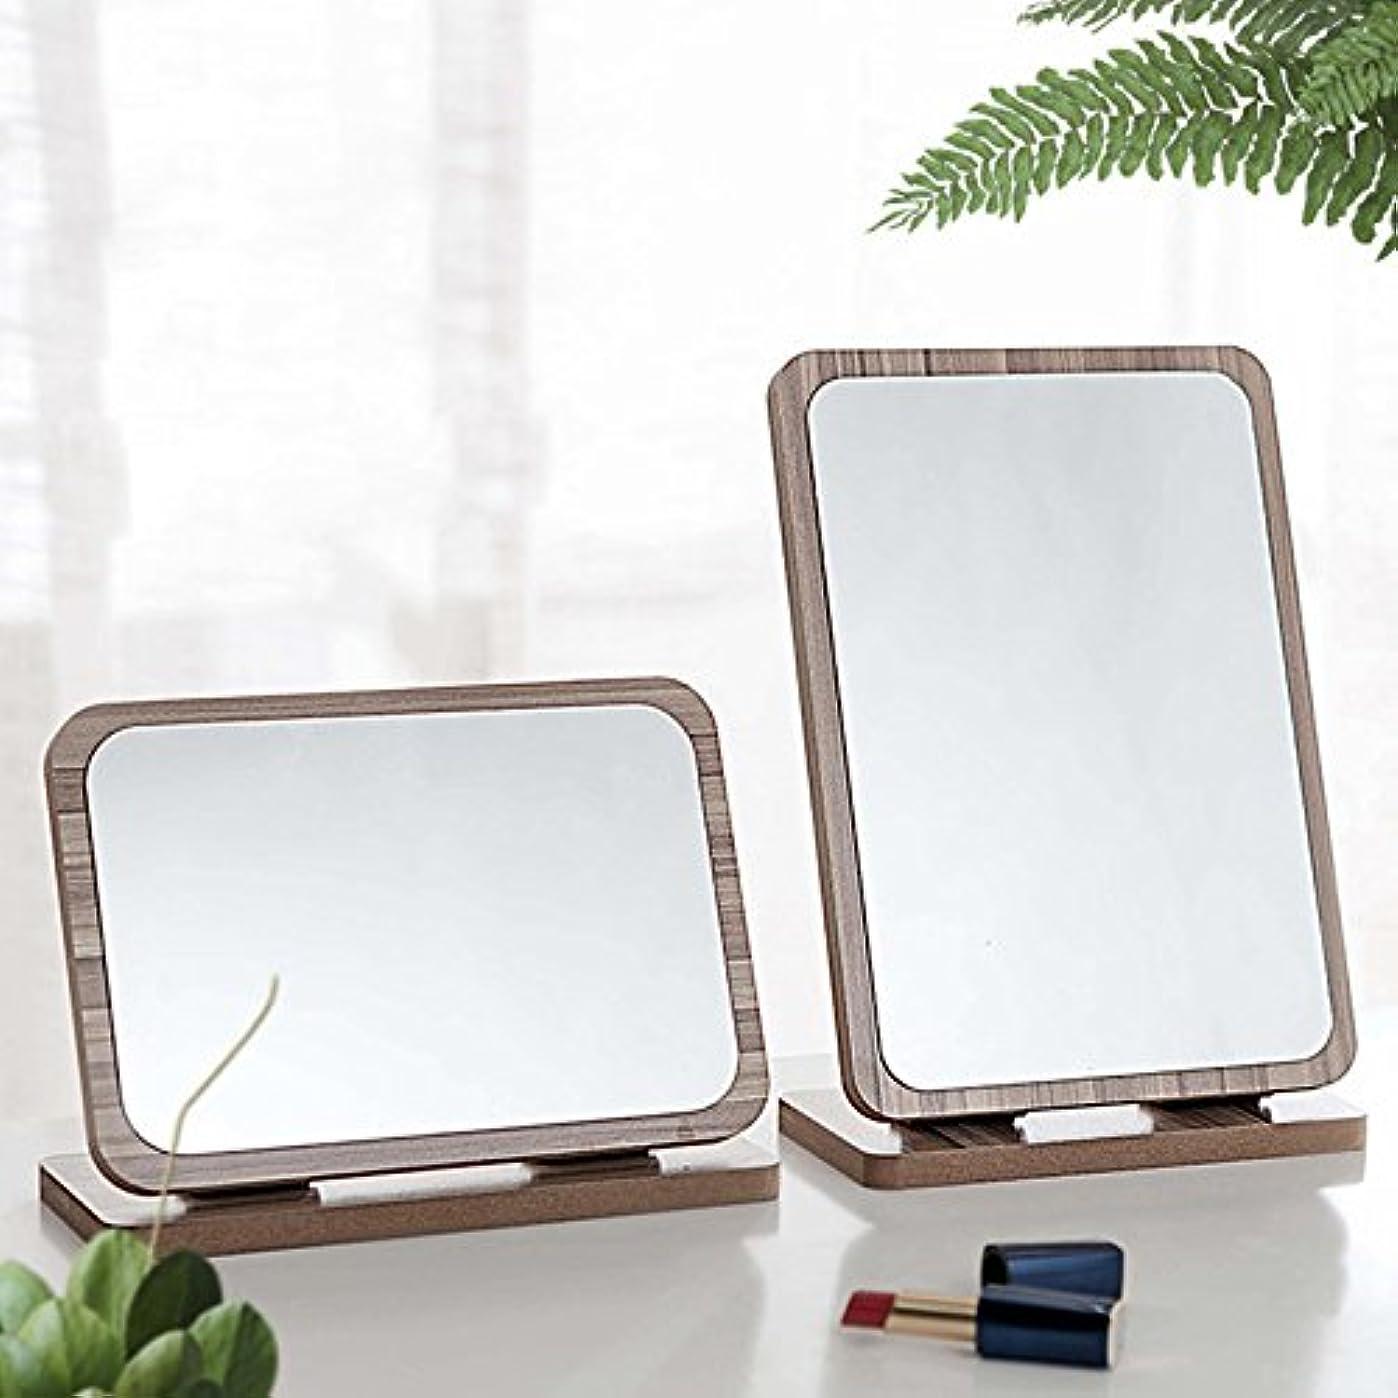 揺れるつらい冷凍庫YZUEYT デスクトップ木製の化粧鏡3倍拡大180度回転ポータブルバニティバスルームメイクツール YZUEYT (Color : NO. 10#)